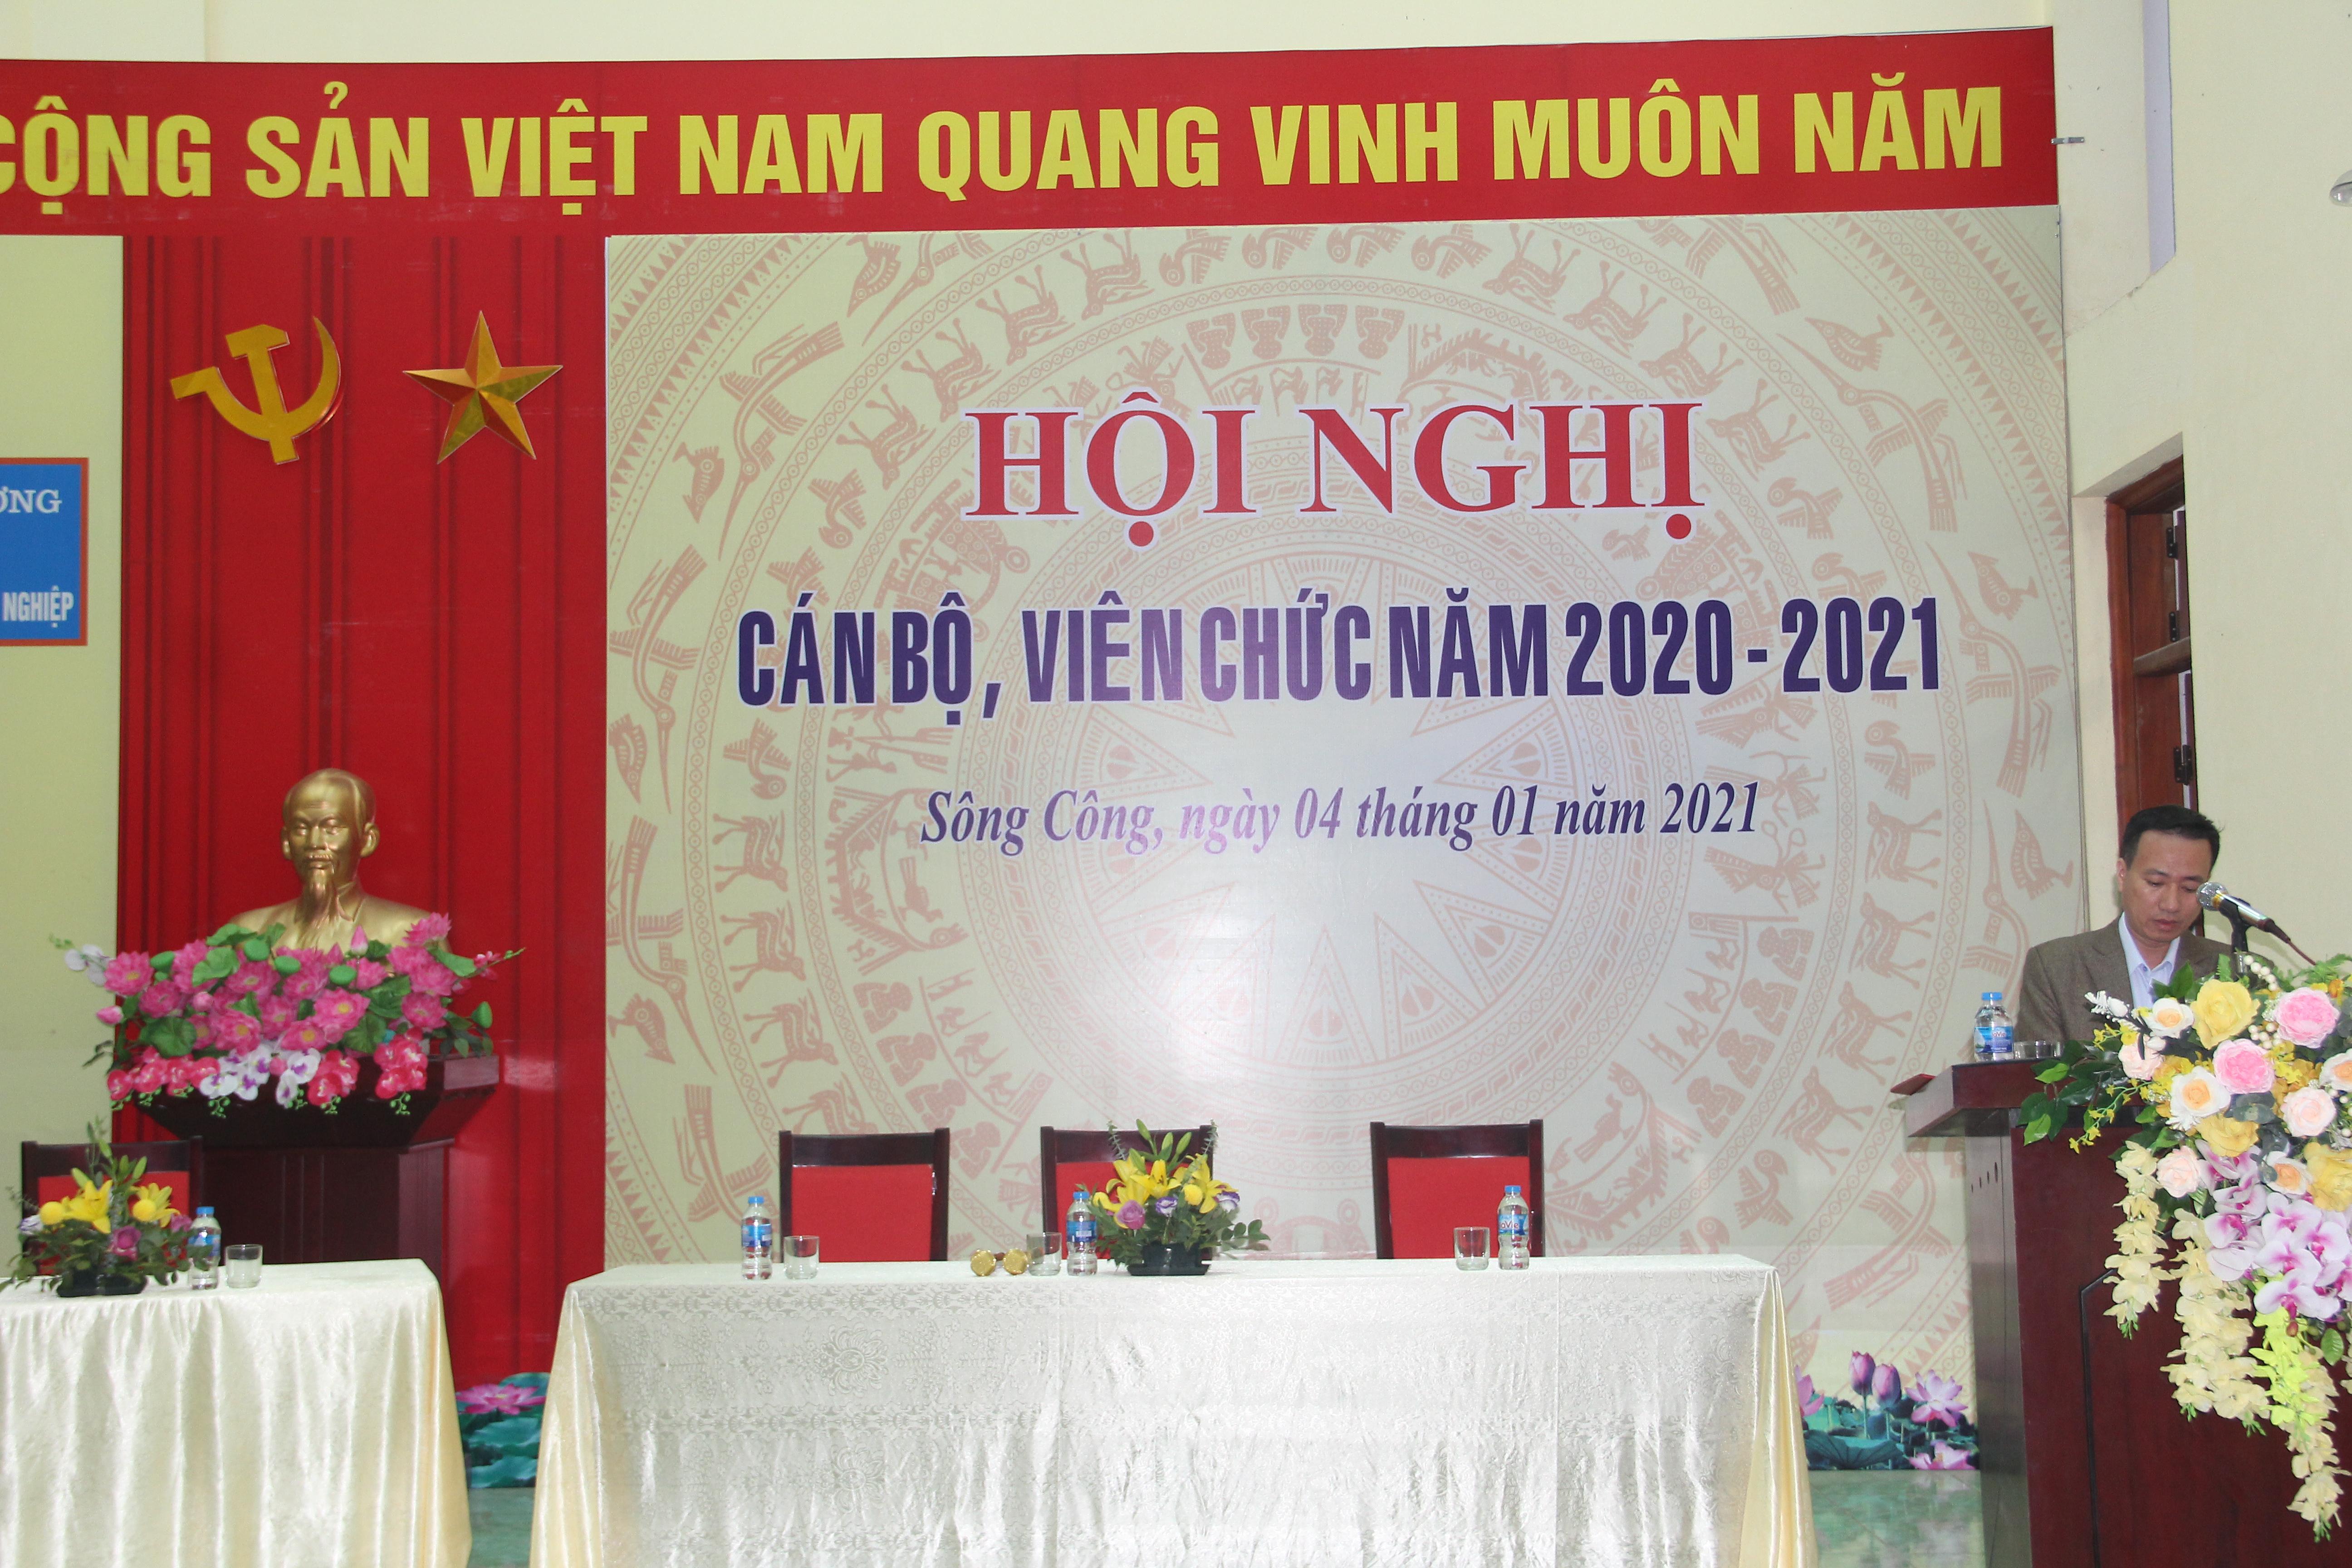 TRƯỜNG IETC TỔ CHỨC HỘI NGHỊ CÁN BỘ, VIÊN CHỨC NĂM 2021